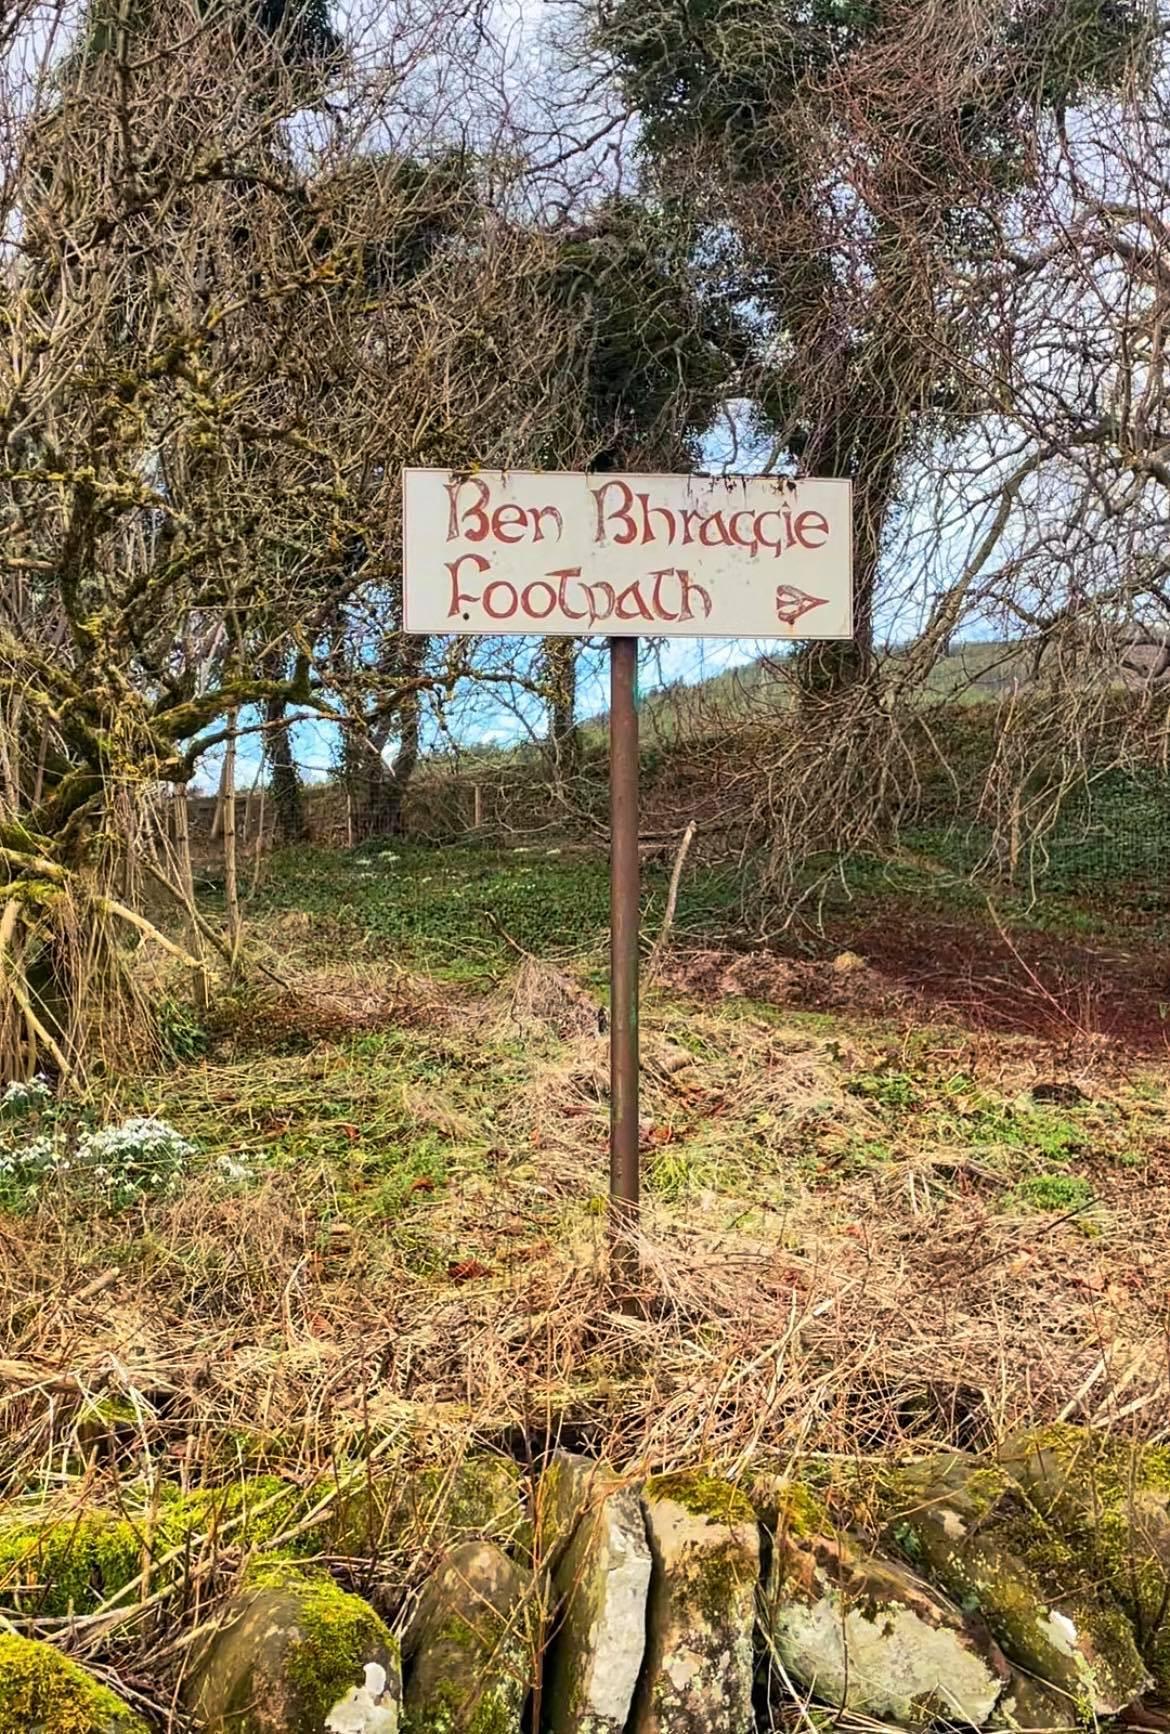 Ben Bhraggie Footpath sign